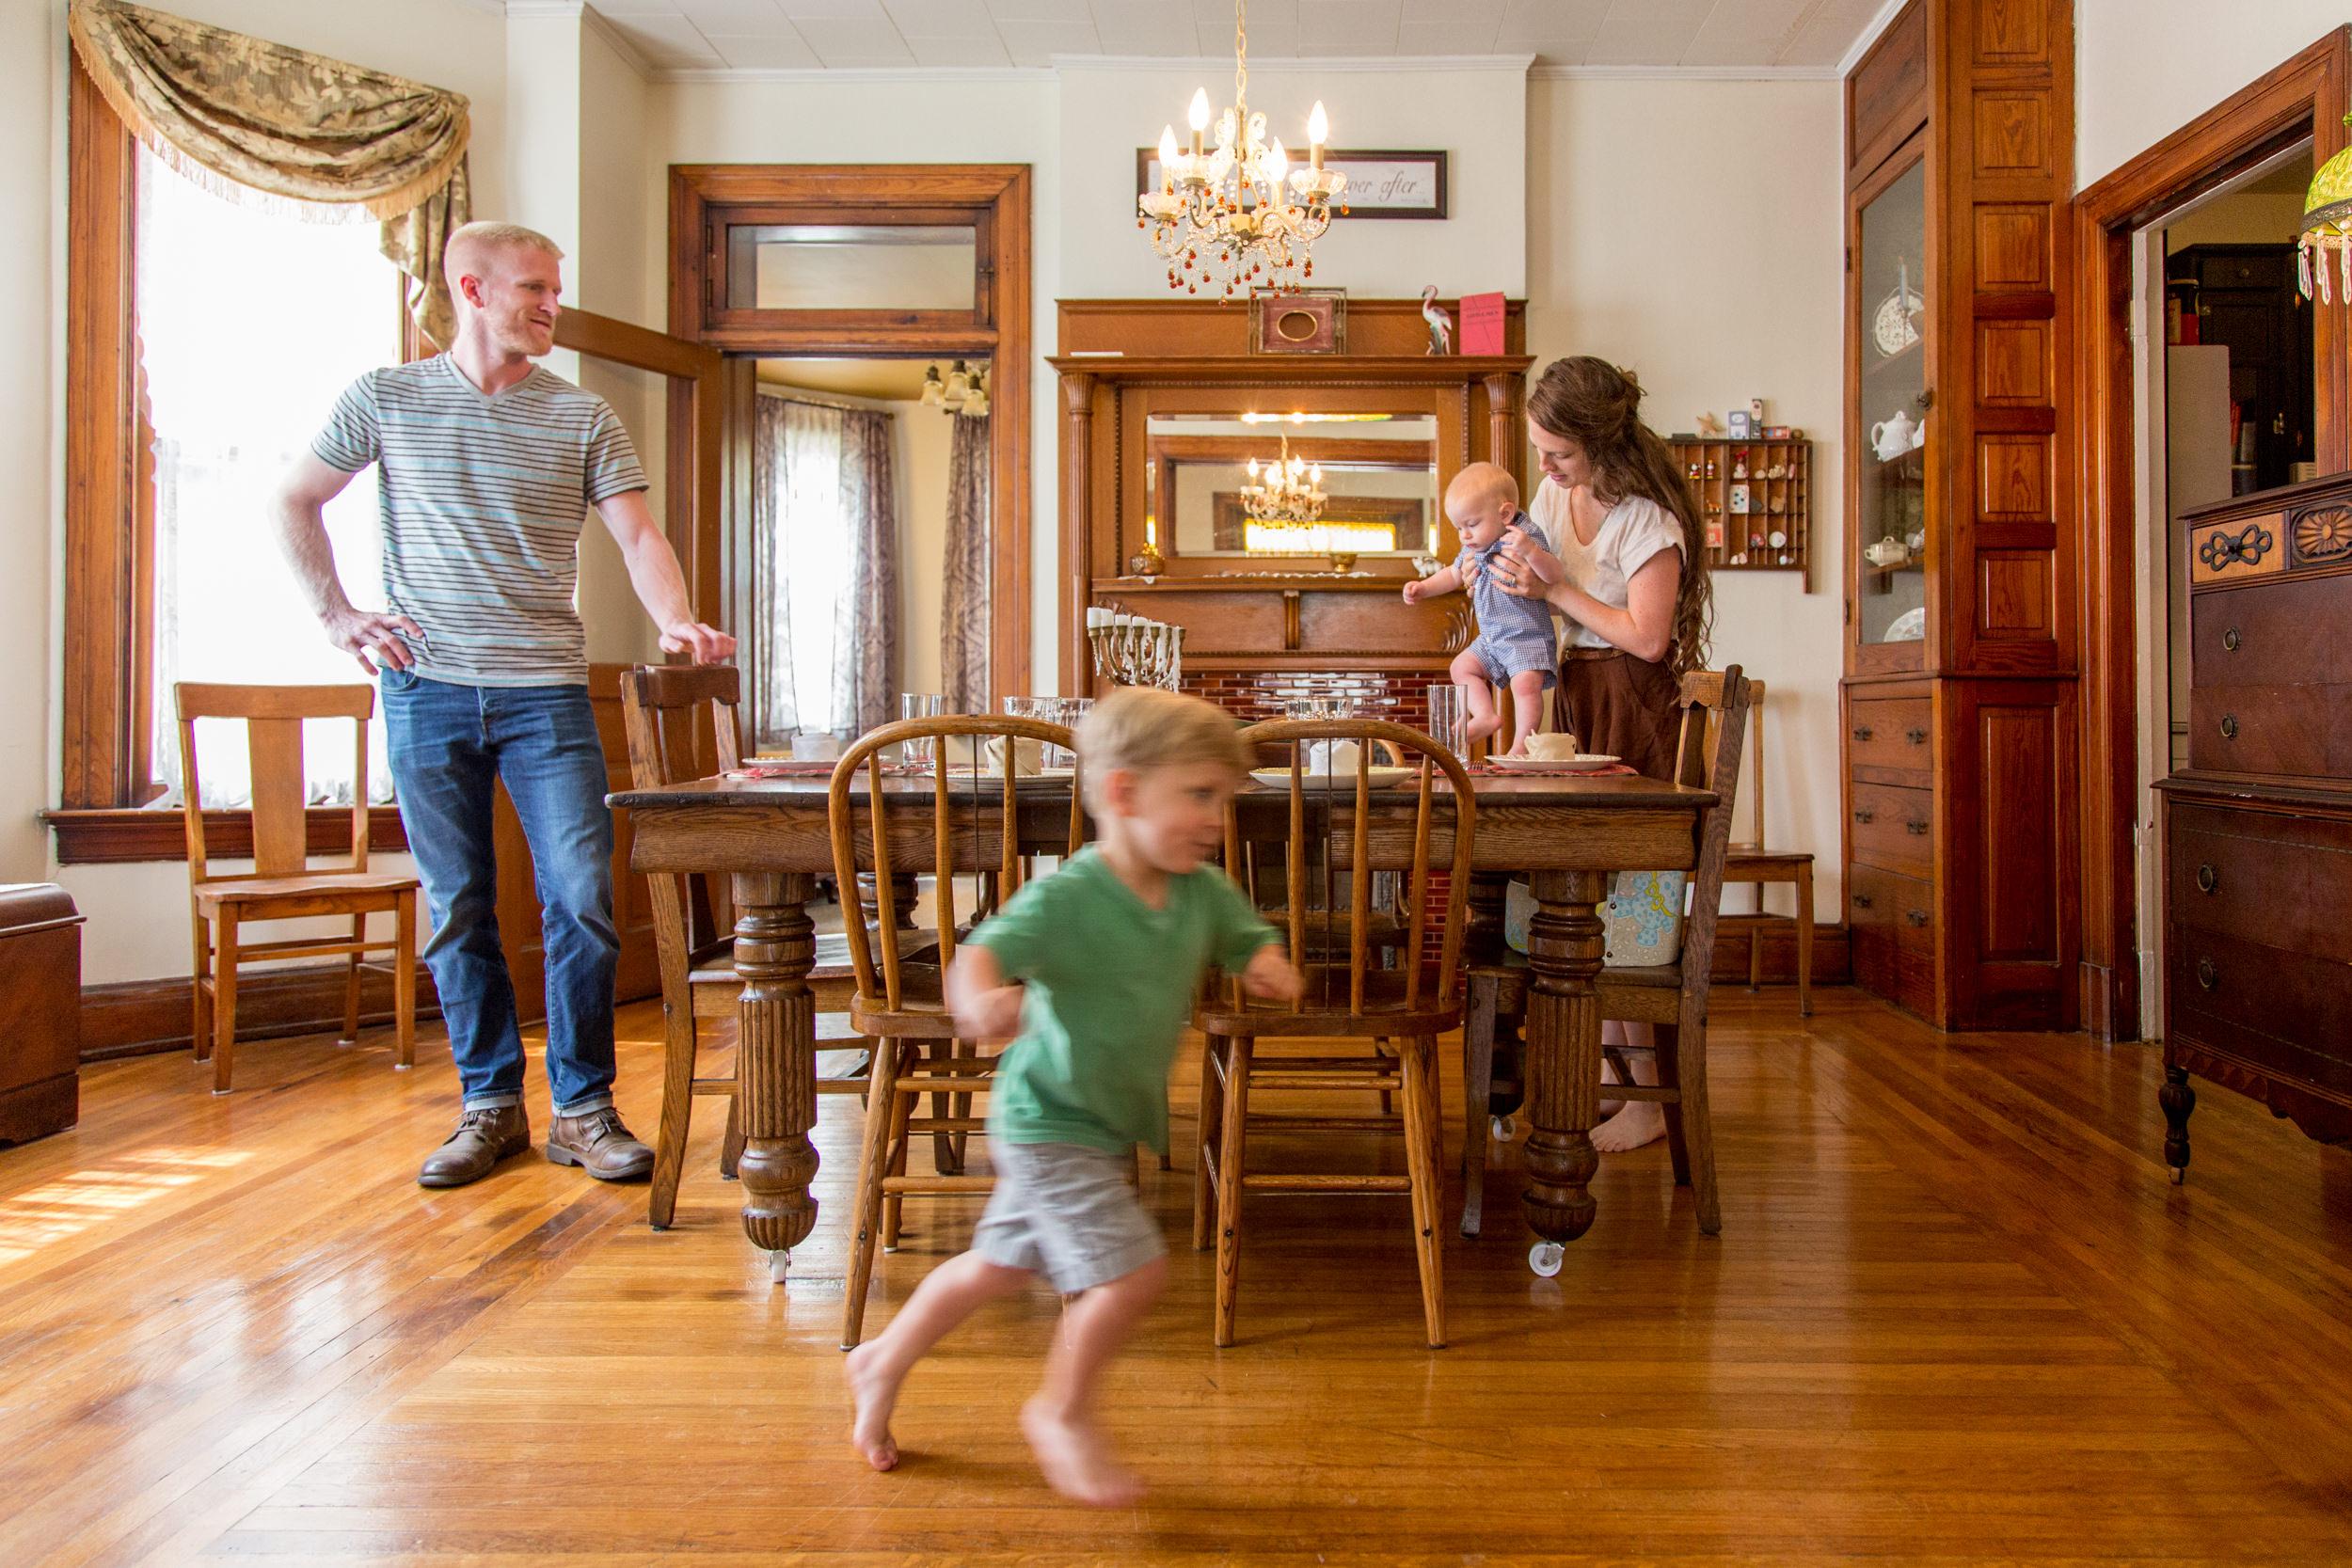 TheSmythCollective-Best-Cincinnati-Family-Photographer-014.jpg